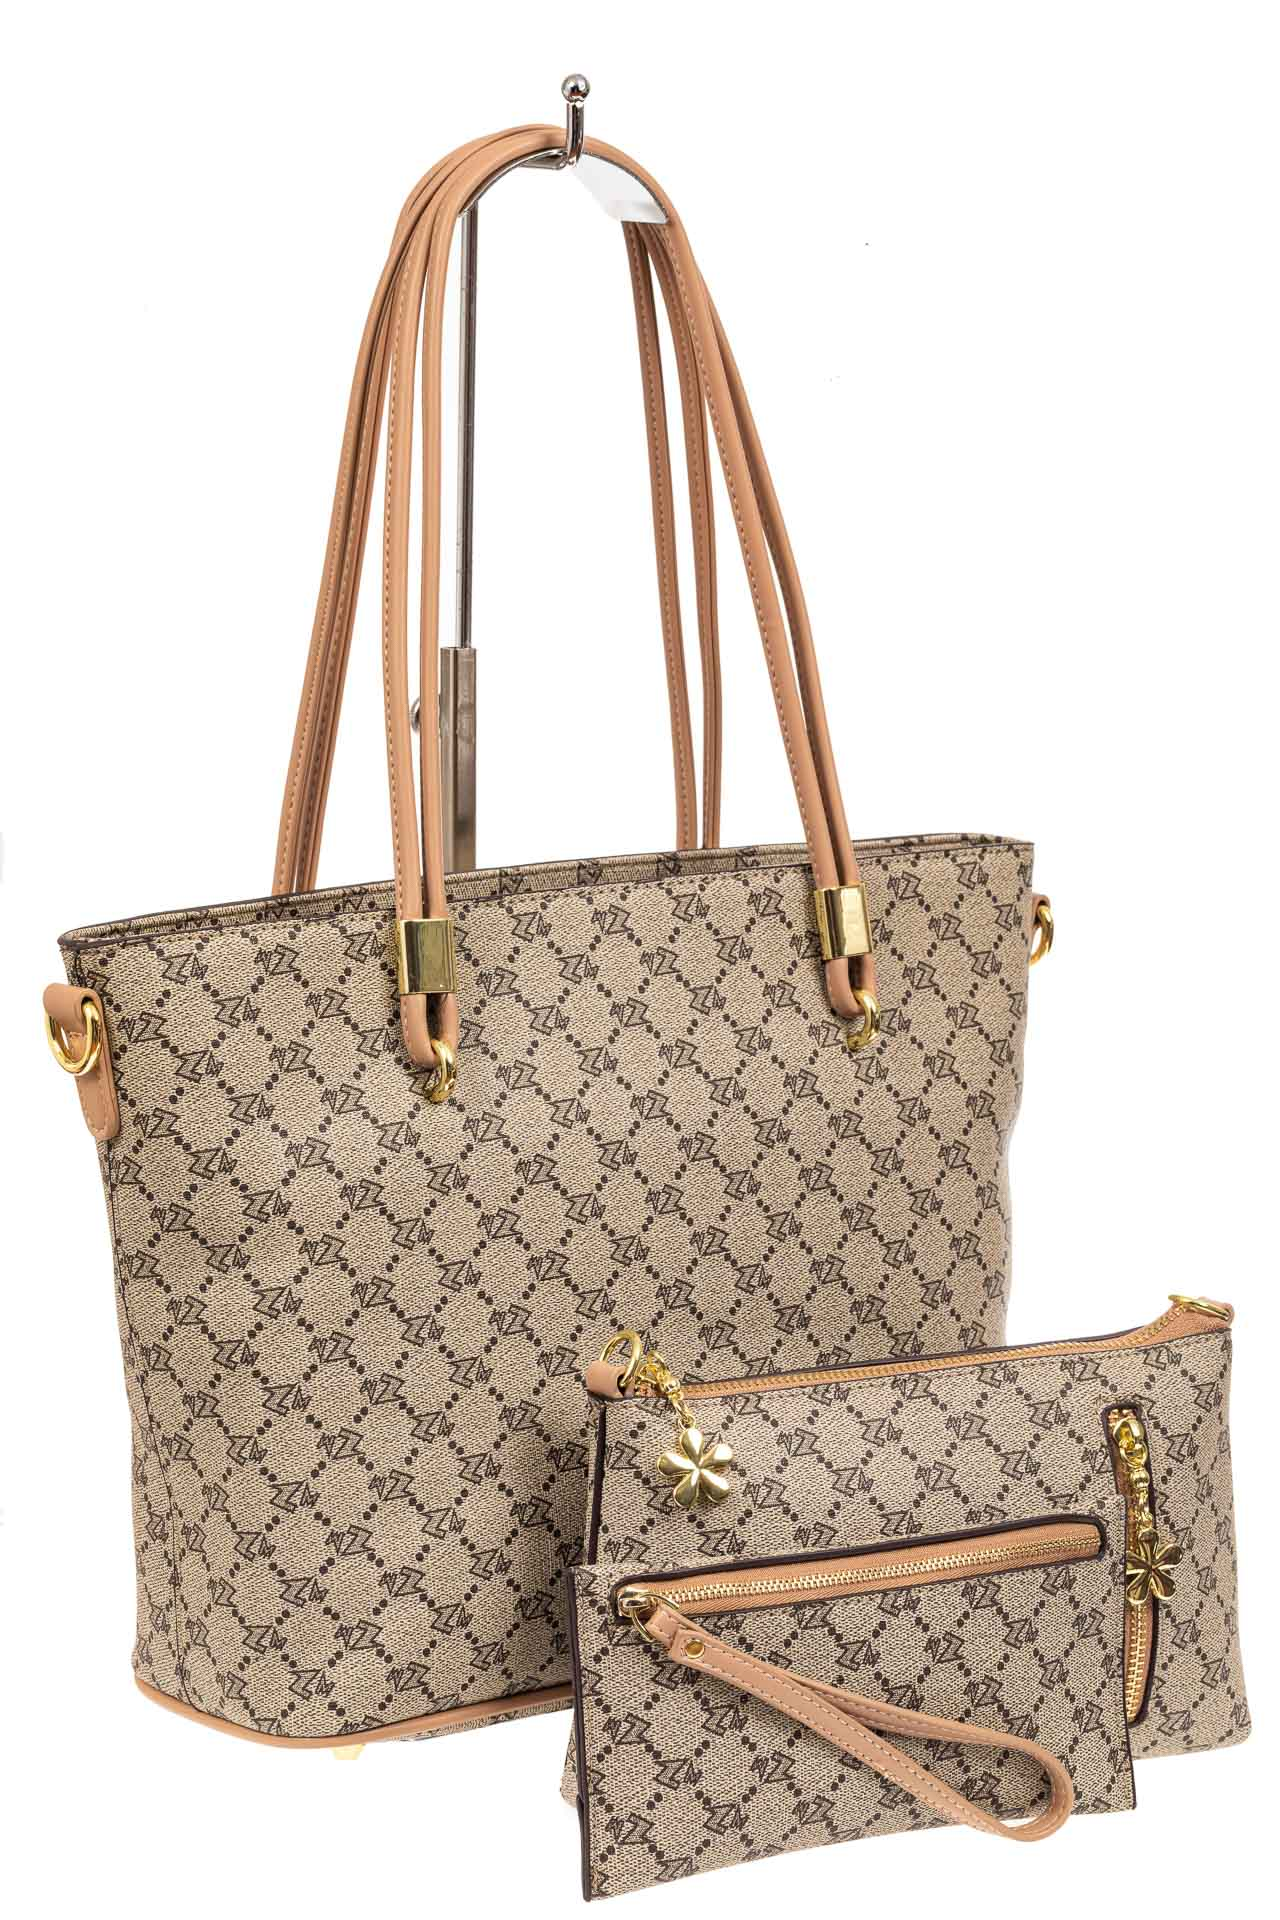 Женская сумка шоппер из искусственной кожи, цвет бежевыйA17236-1PJ0520/7